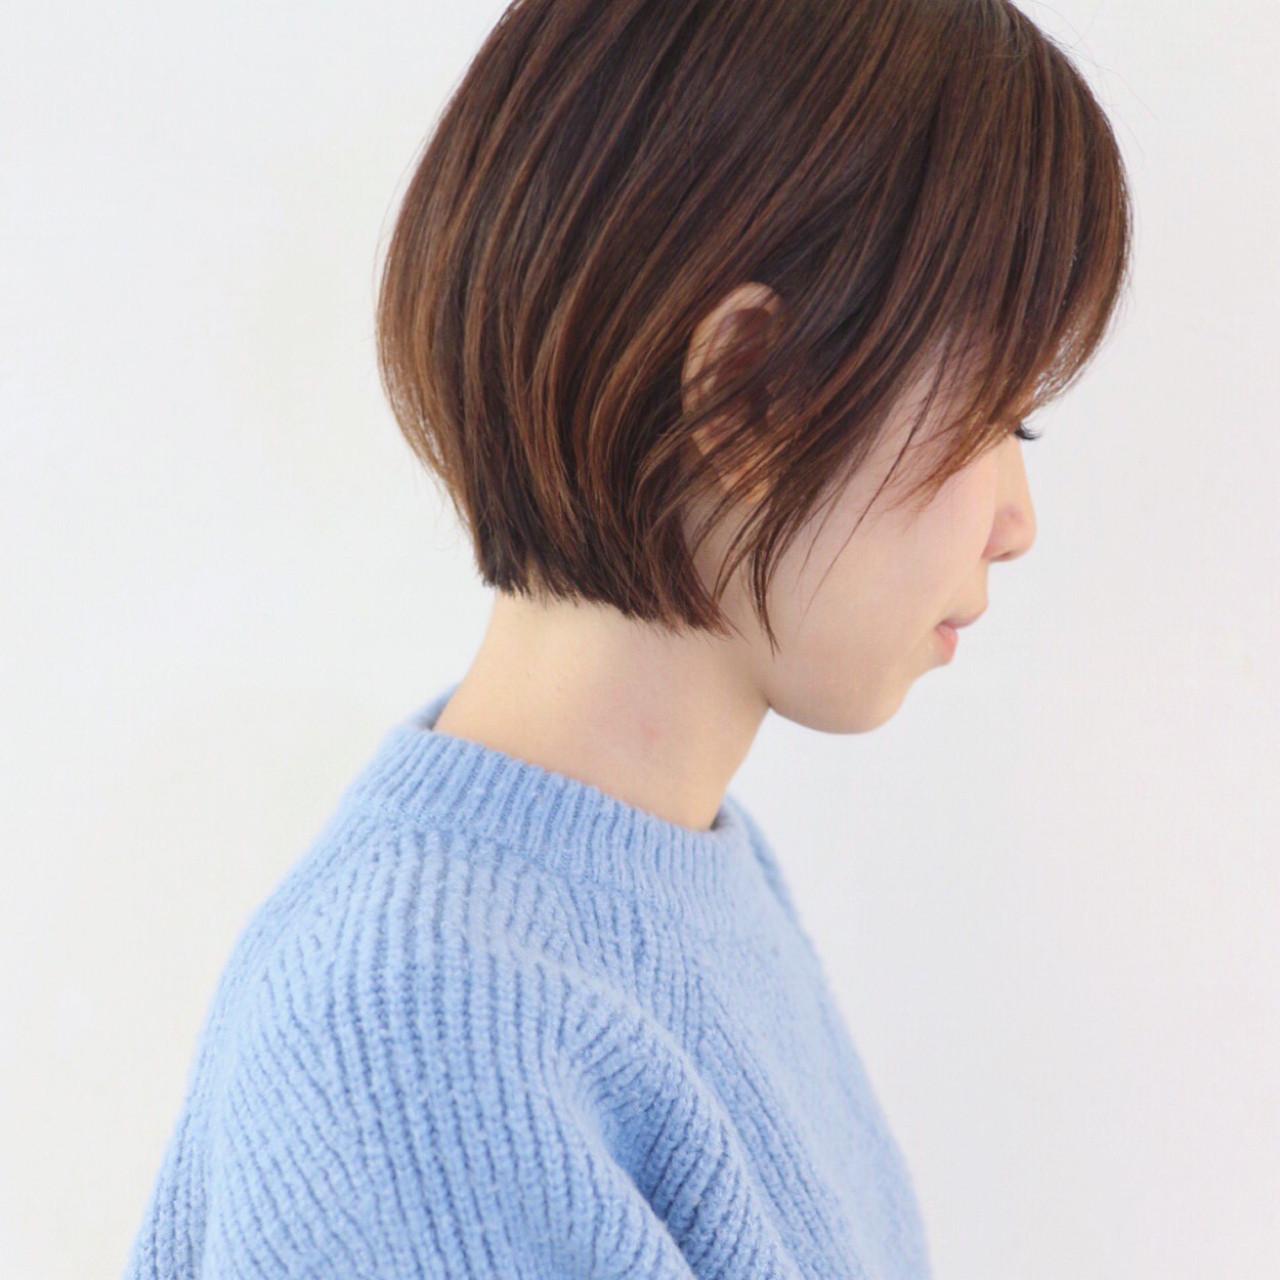 マッシュ ナチュラル くせ毛風 グラデーションカラー ヘアスタイルや髪型の写真・画像